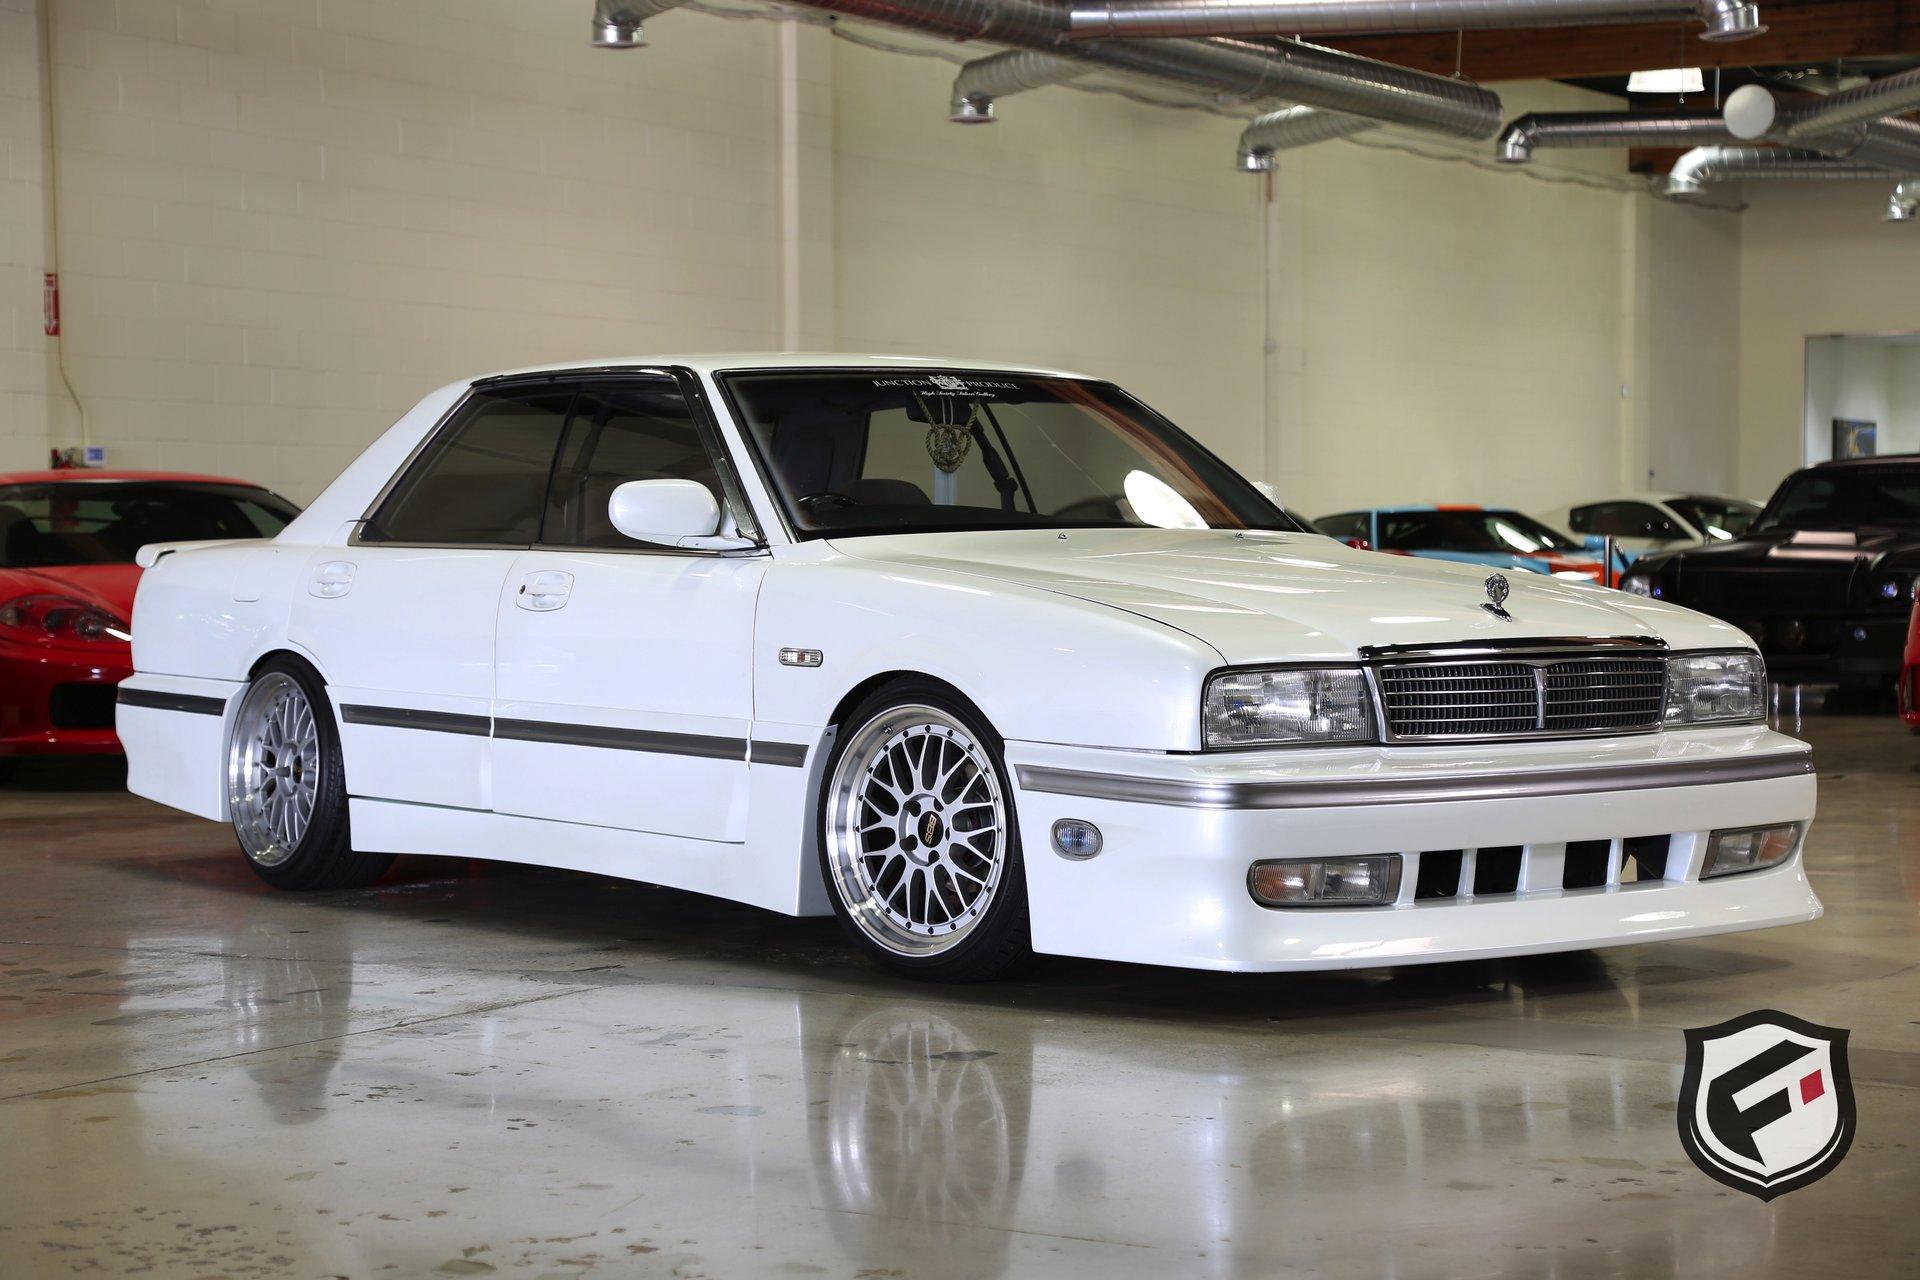 1990 Nissan Cima Fusion Luxury Motors